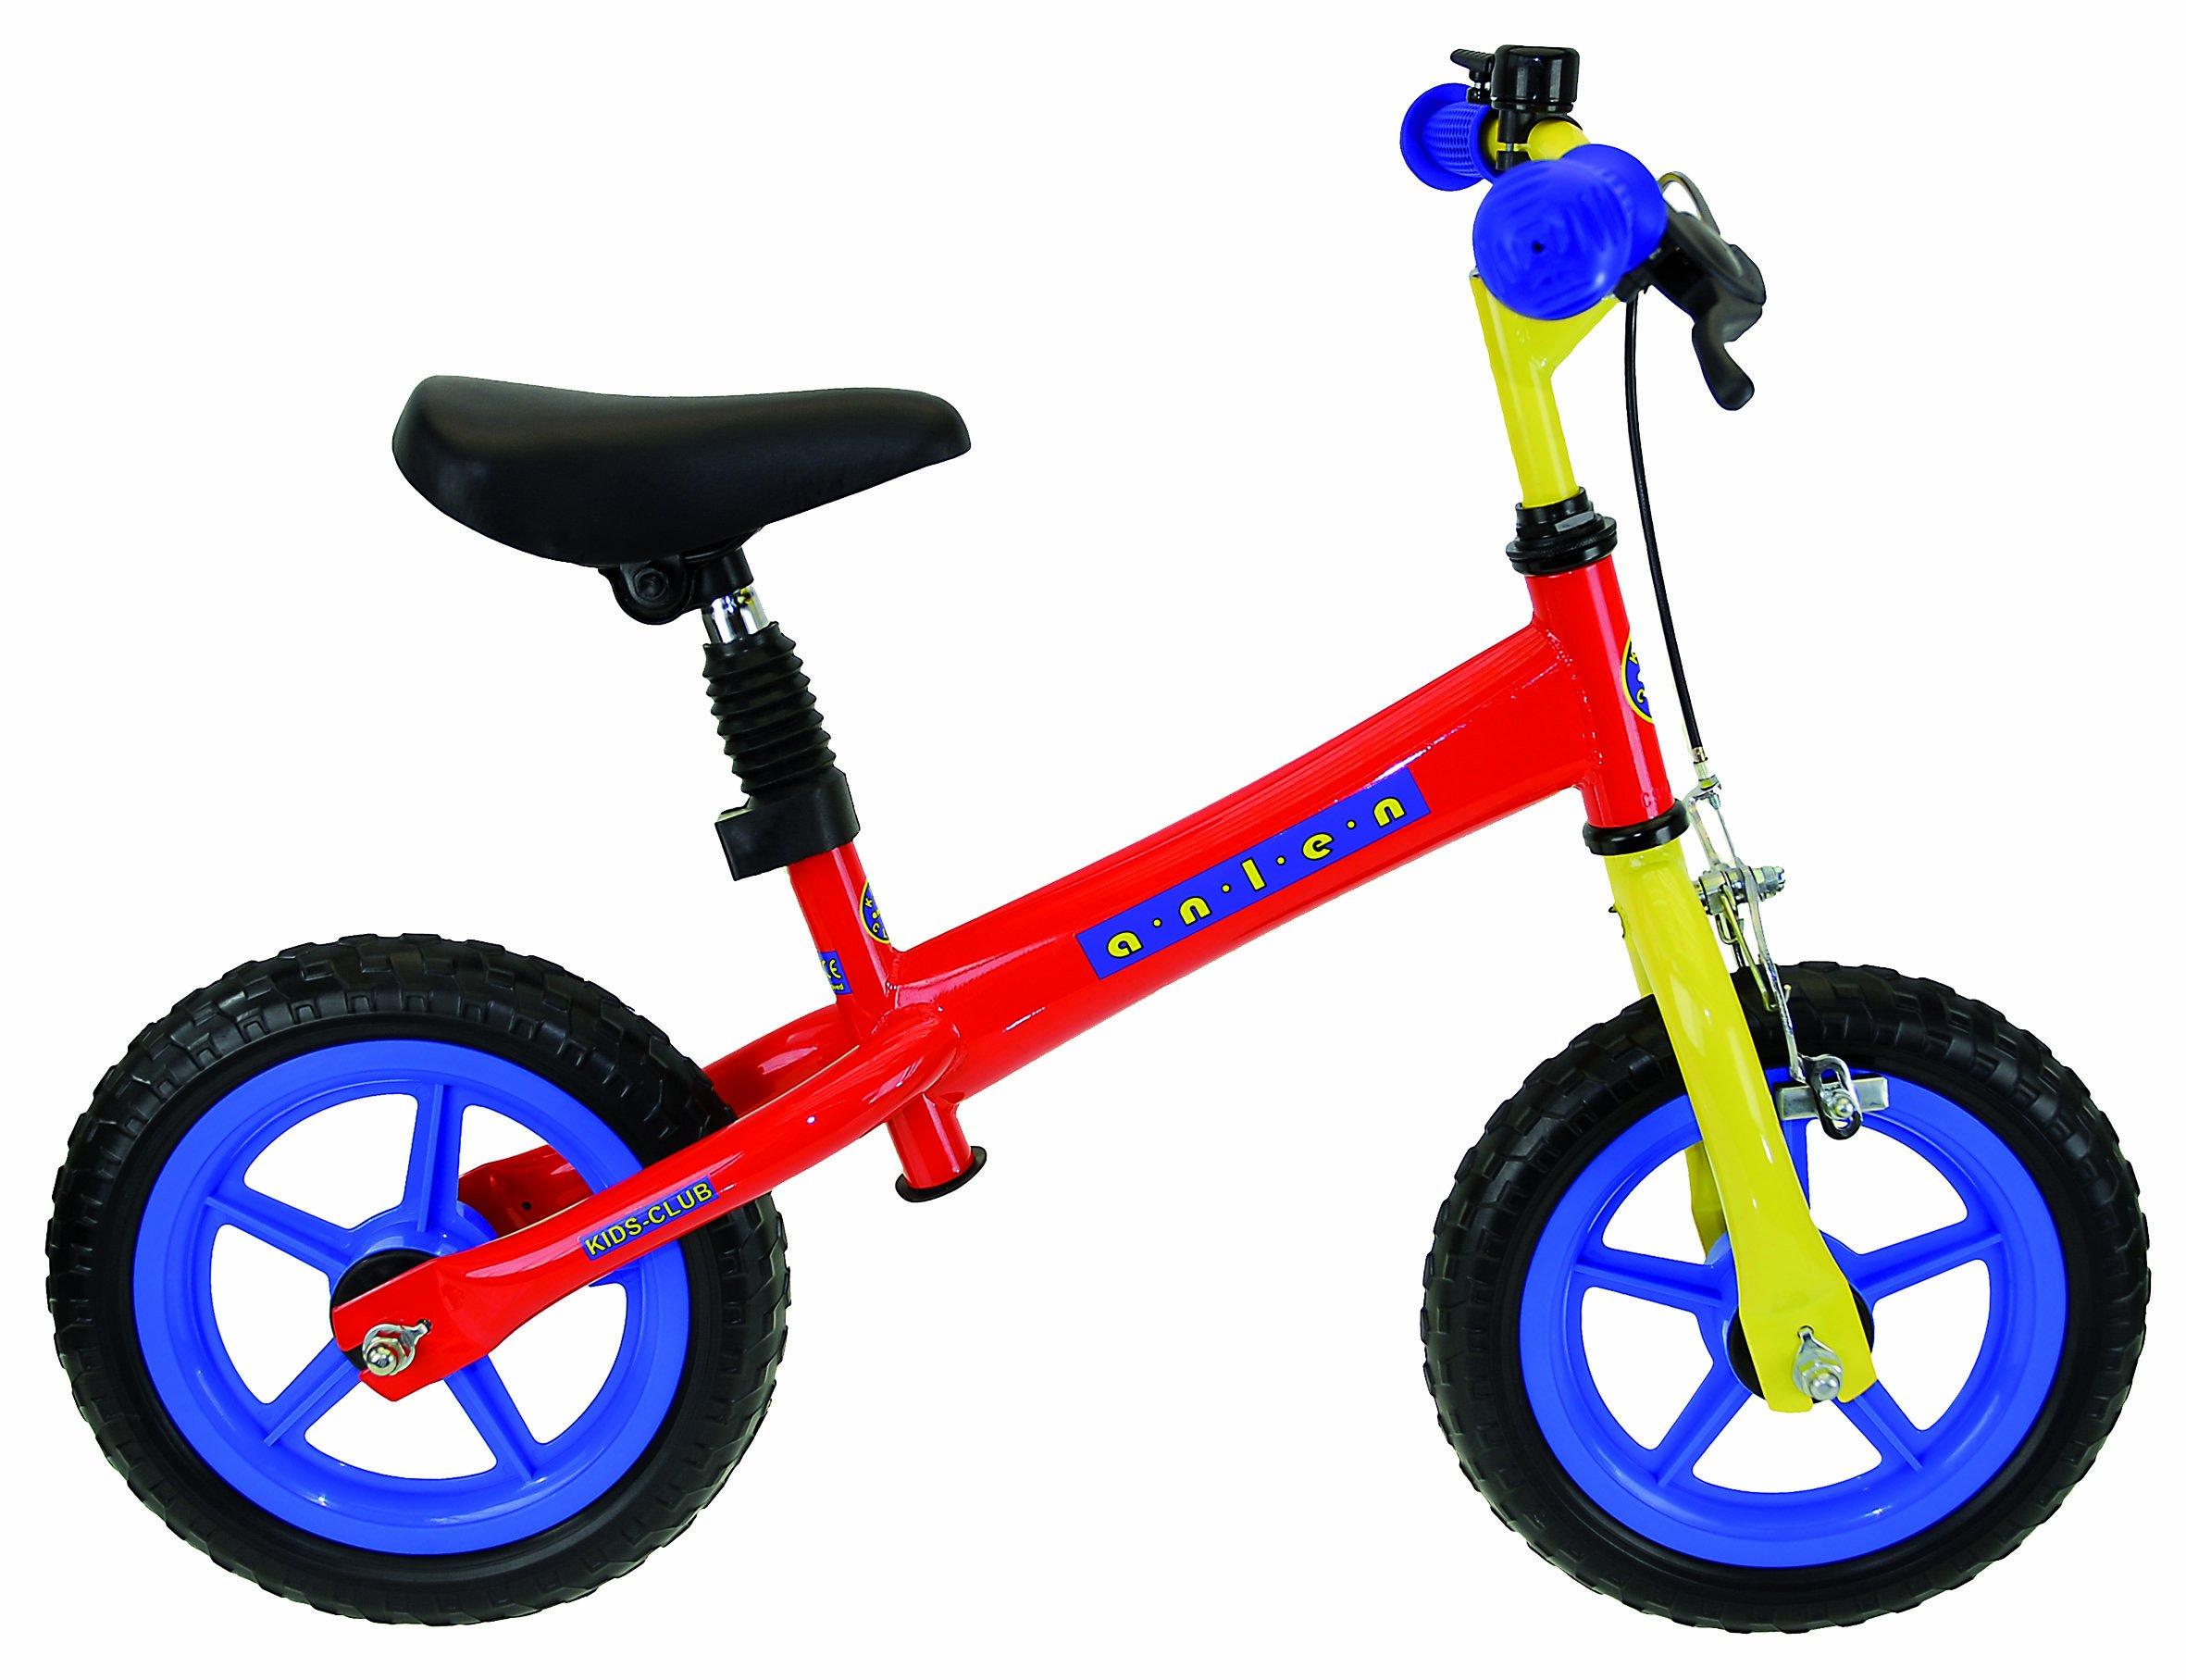 sonstige, Bicicletta da corsa bambiini, Multicolore (red/blue/yellow), 12